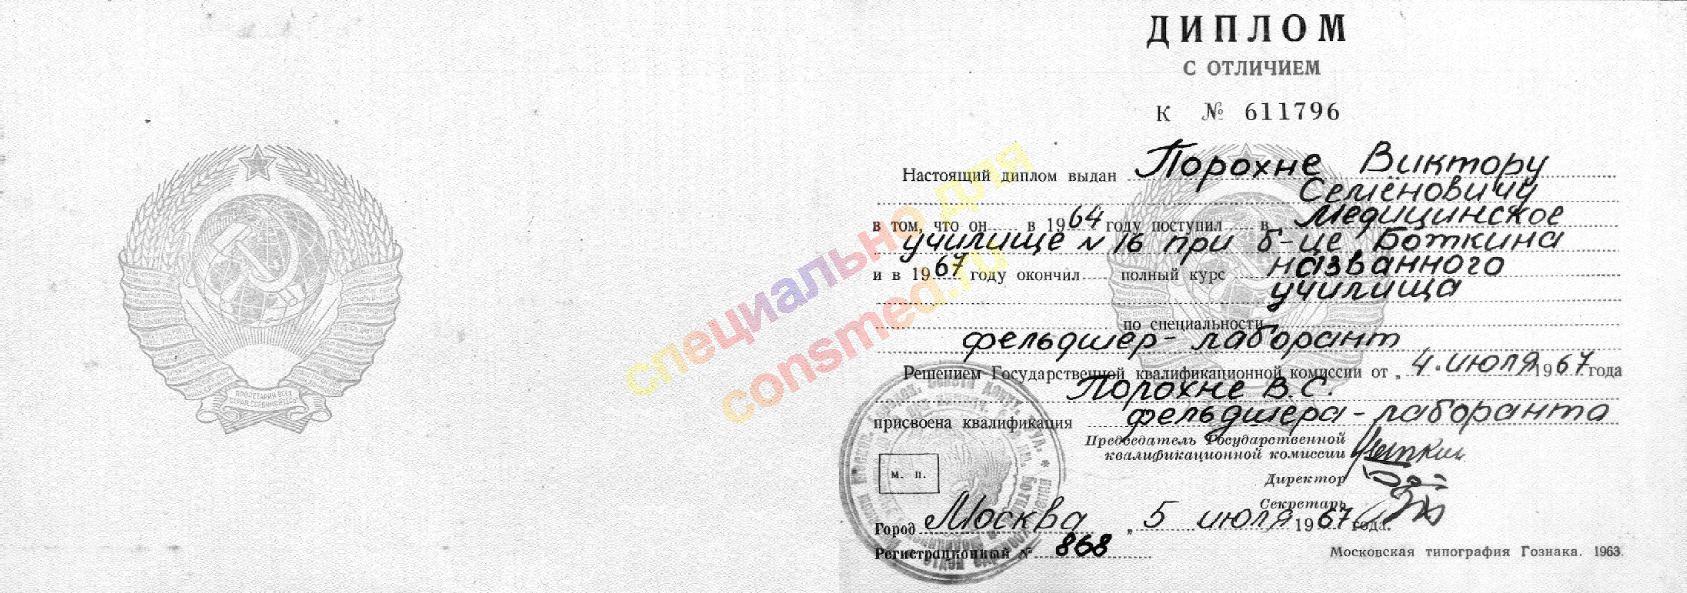 Куплю дипломную работу по психологии в Старом Осколе Куплю   Где купить дипломную работу в Кисловодске